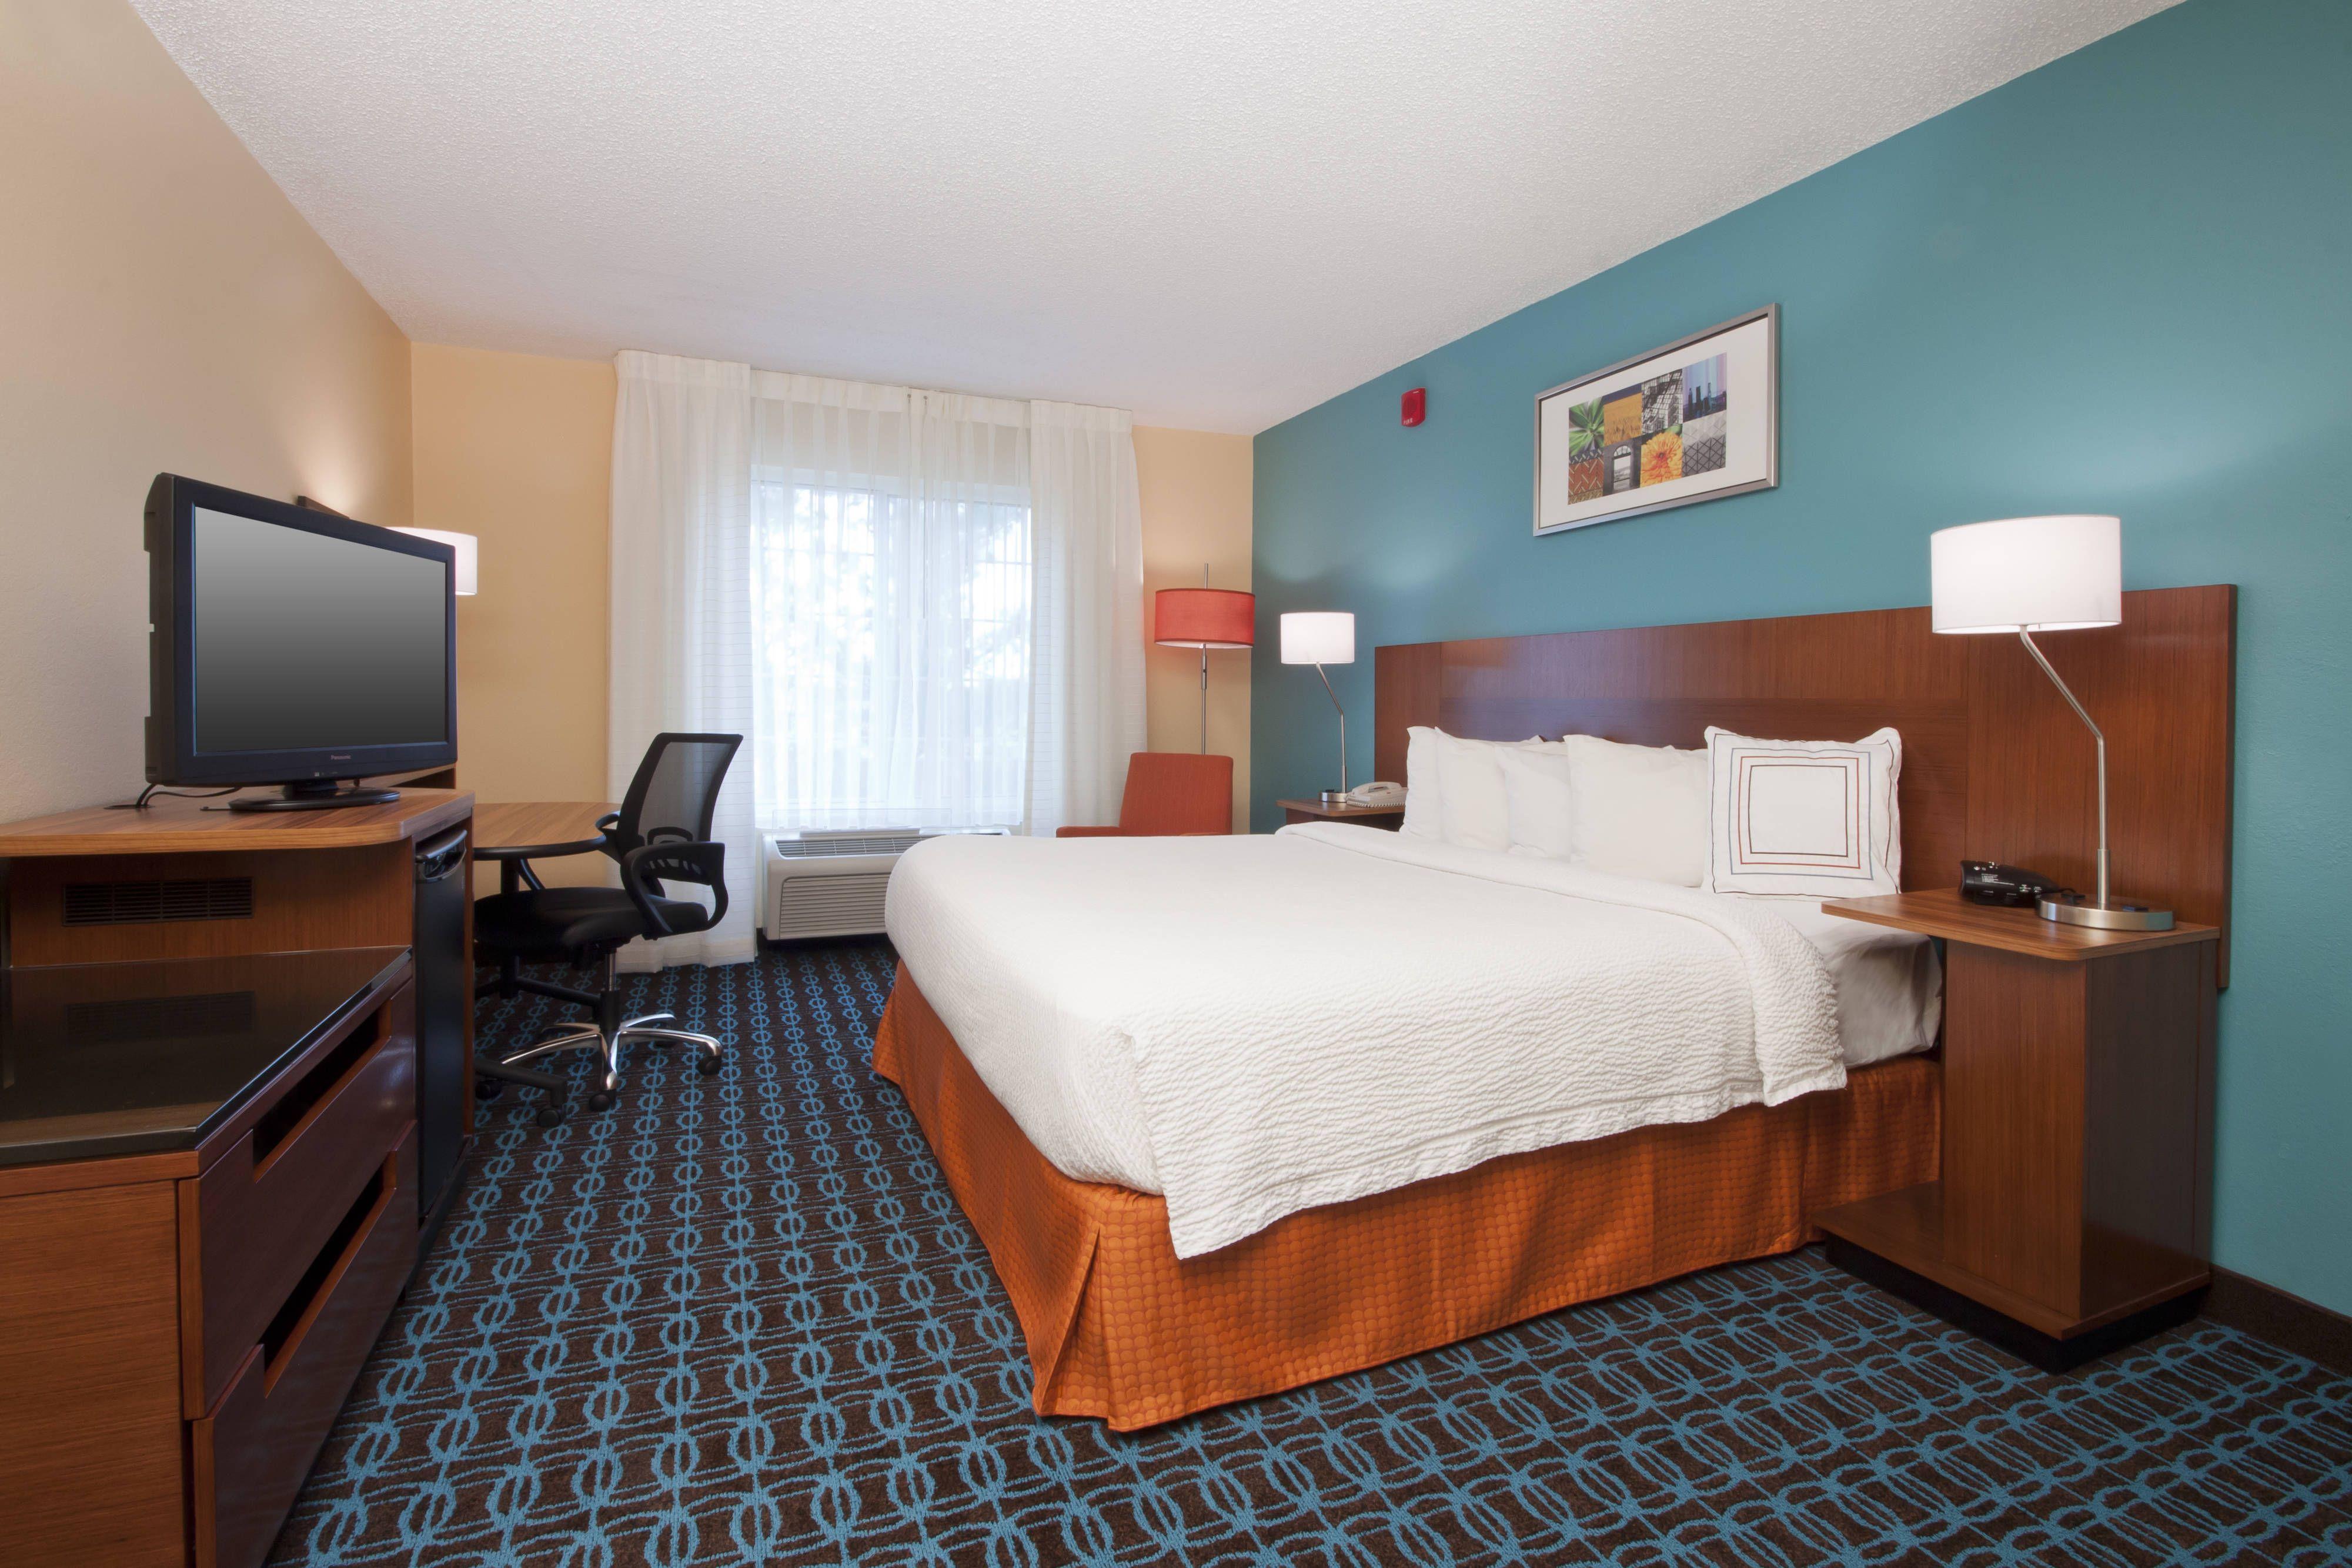 Fairfield Inn Fairfield inn, Suites, Home